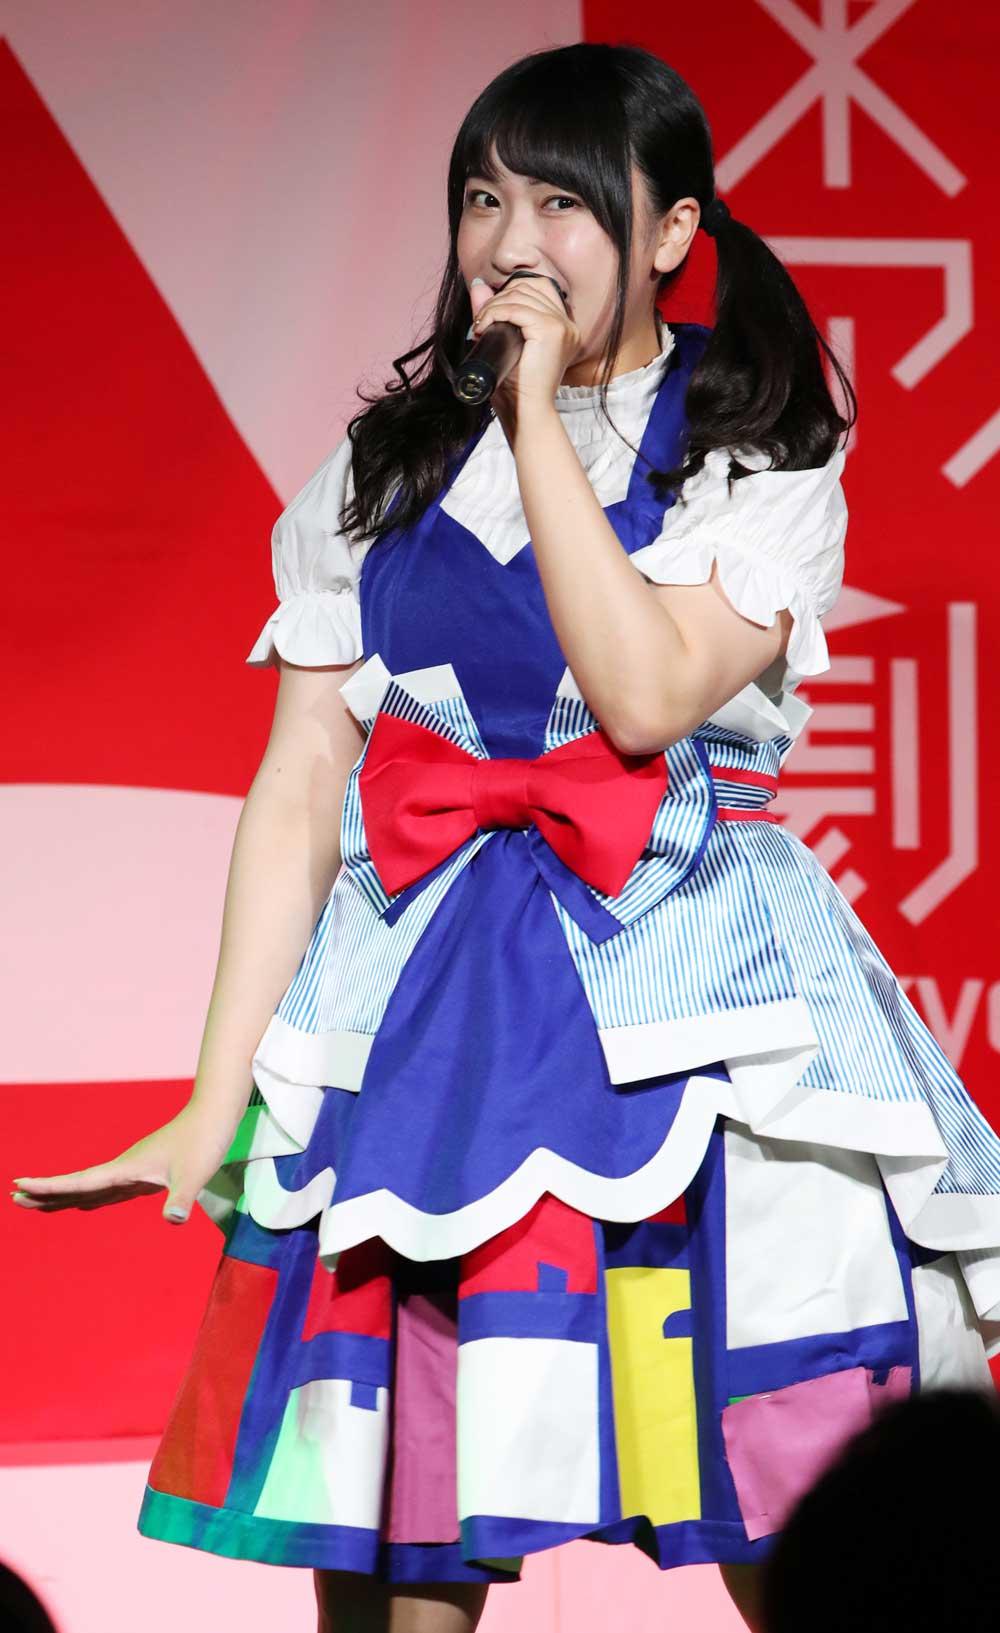 Images : 11番目の画像 - 「ミライスカート/安定&丁寧なパフォーマンスで名曲の数々を歌いきる。6月29日にはホームグラウンドの京都でフェスを開催」のアルバム - Stereo Sound ONLINE